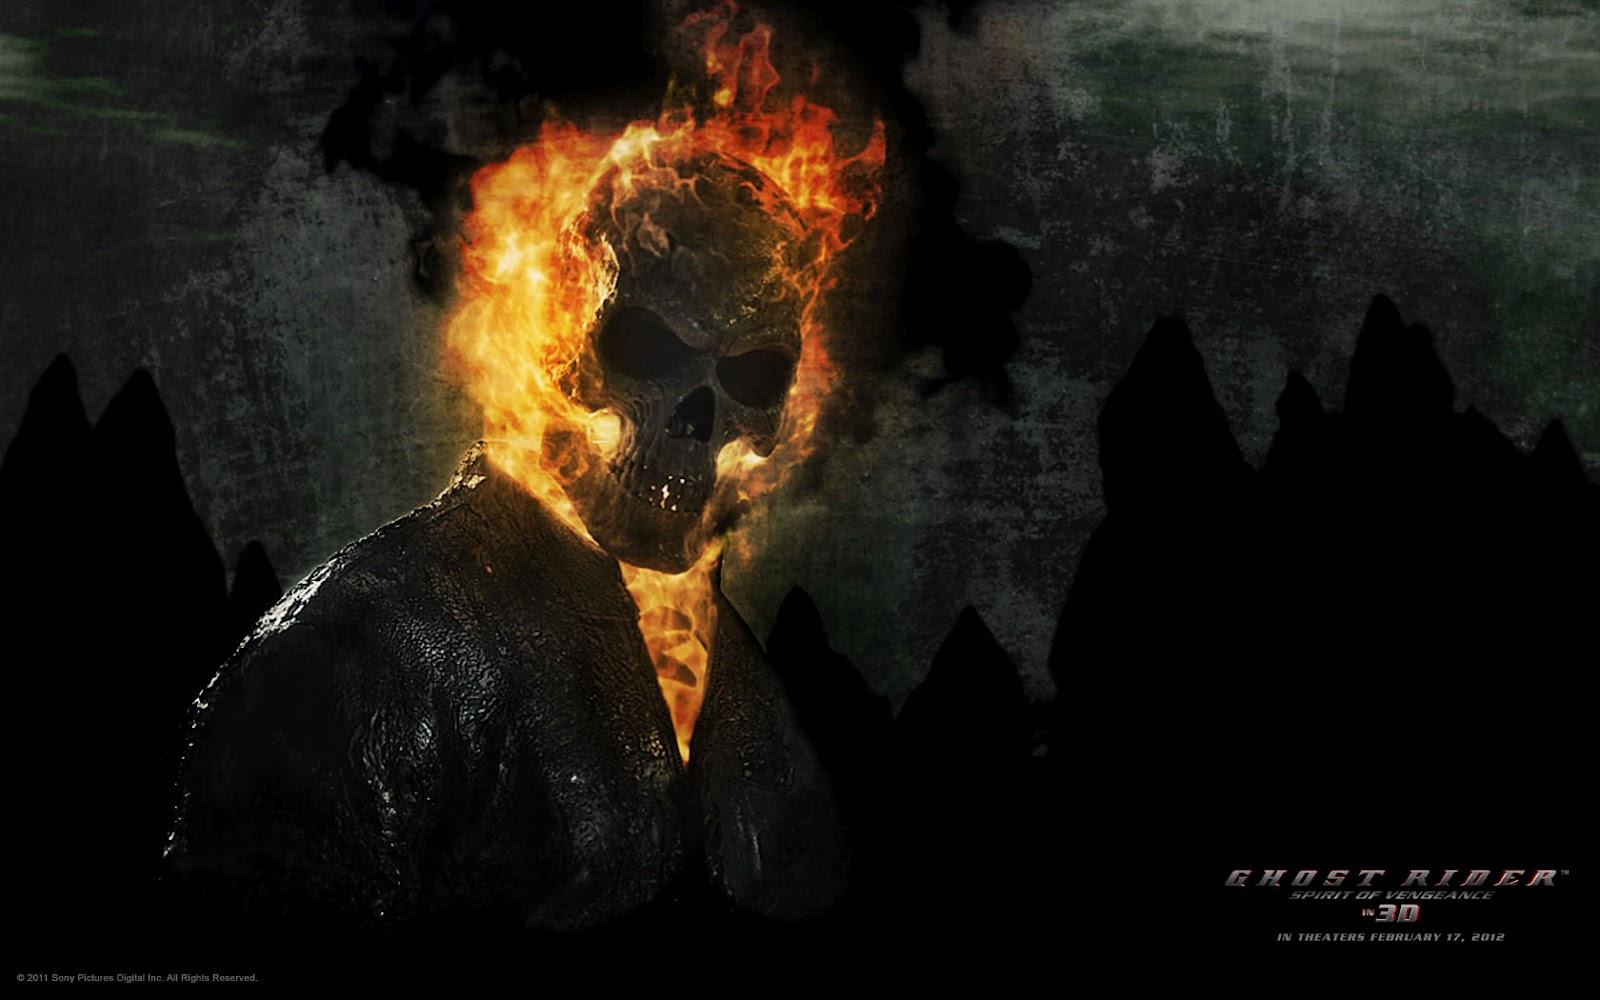 http://2.bp.blogspot.com/-vCJKbr1P7dE/T0Jx5G29etI/AAAAAAAAAOE/GYySjKYb12s/s1600/Ghost_Rider+_Spirit_of_Vengeance_Wallpaper.jpg